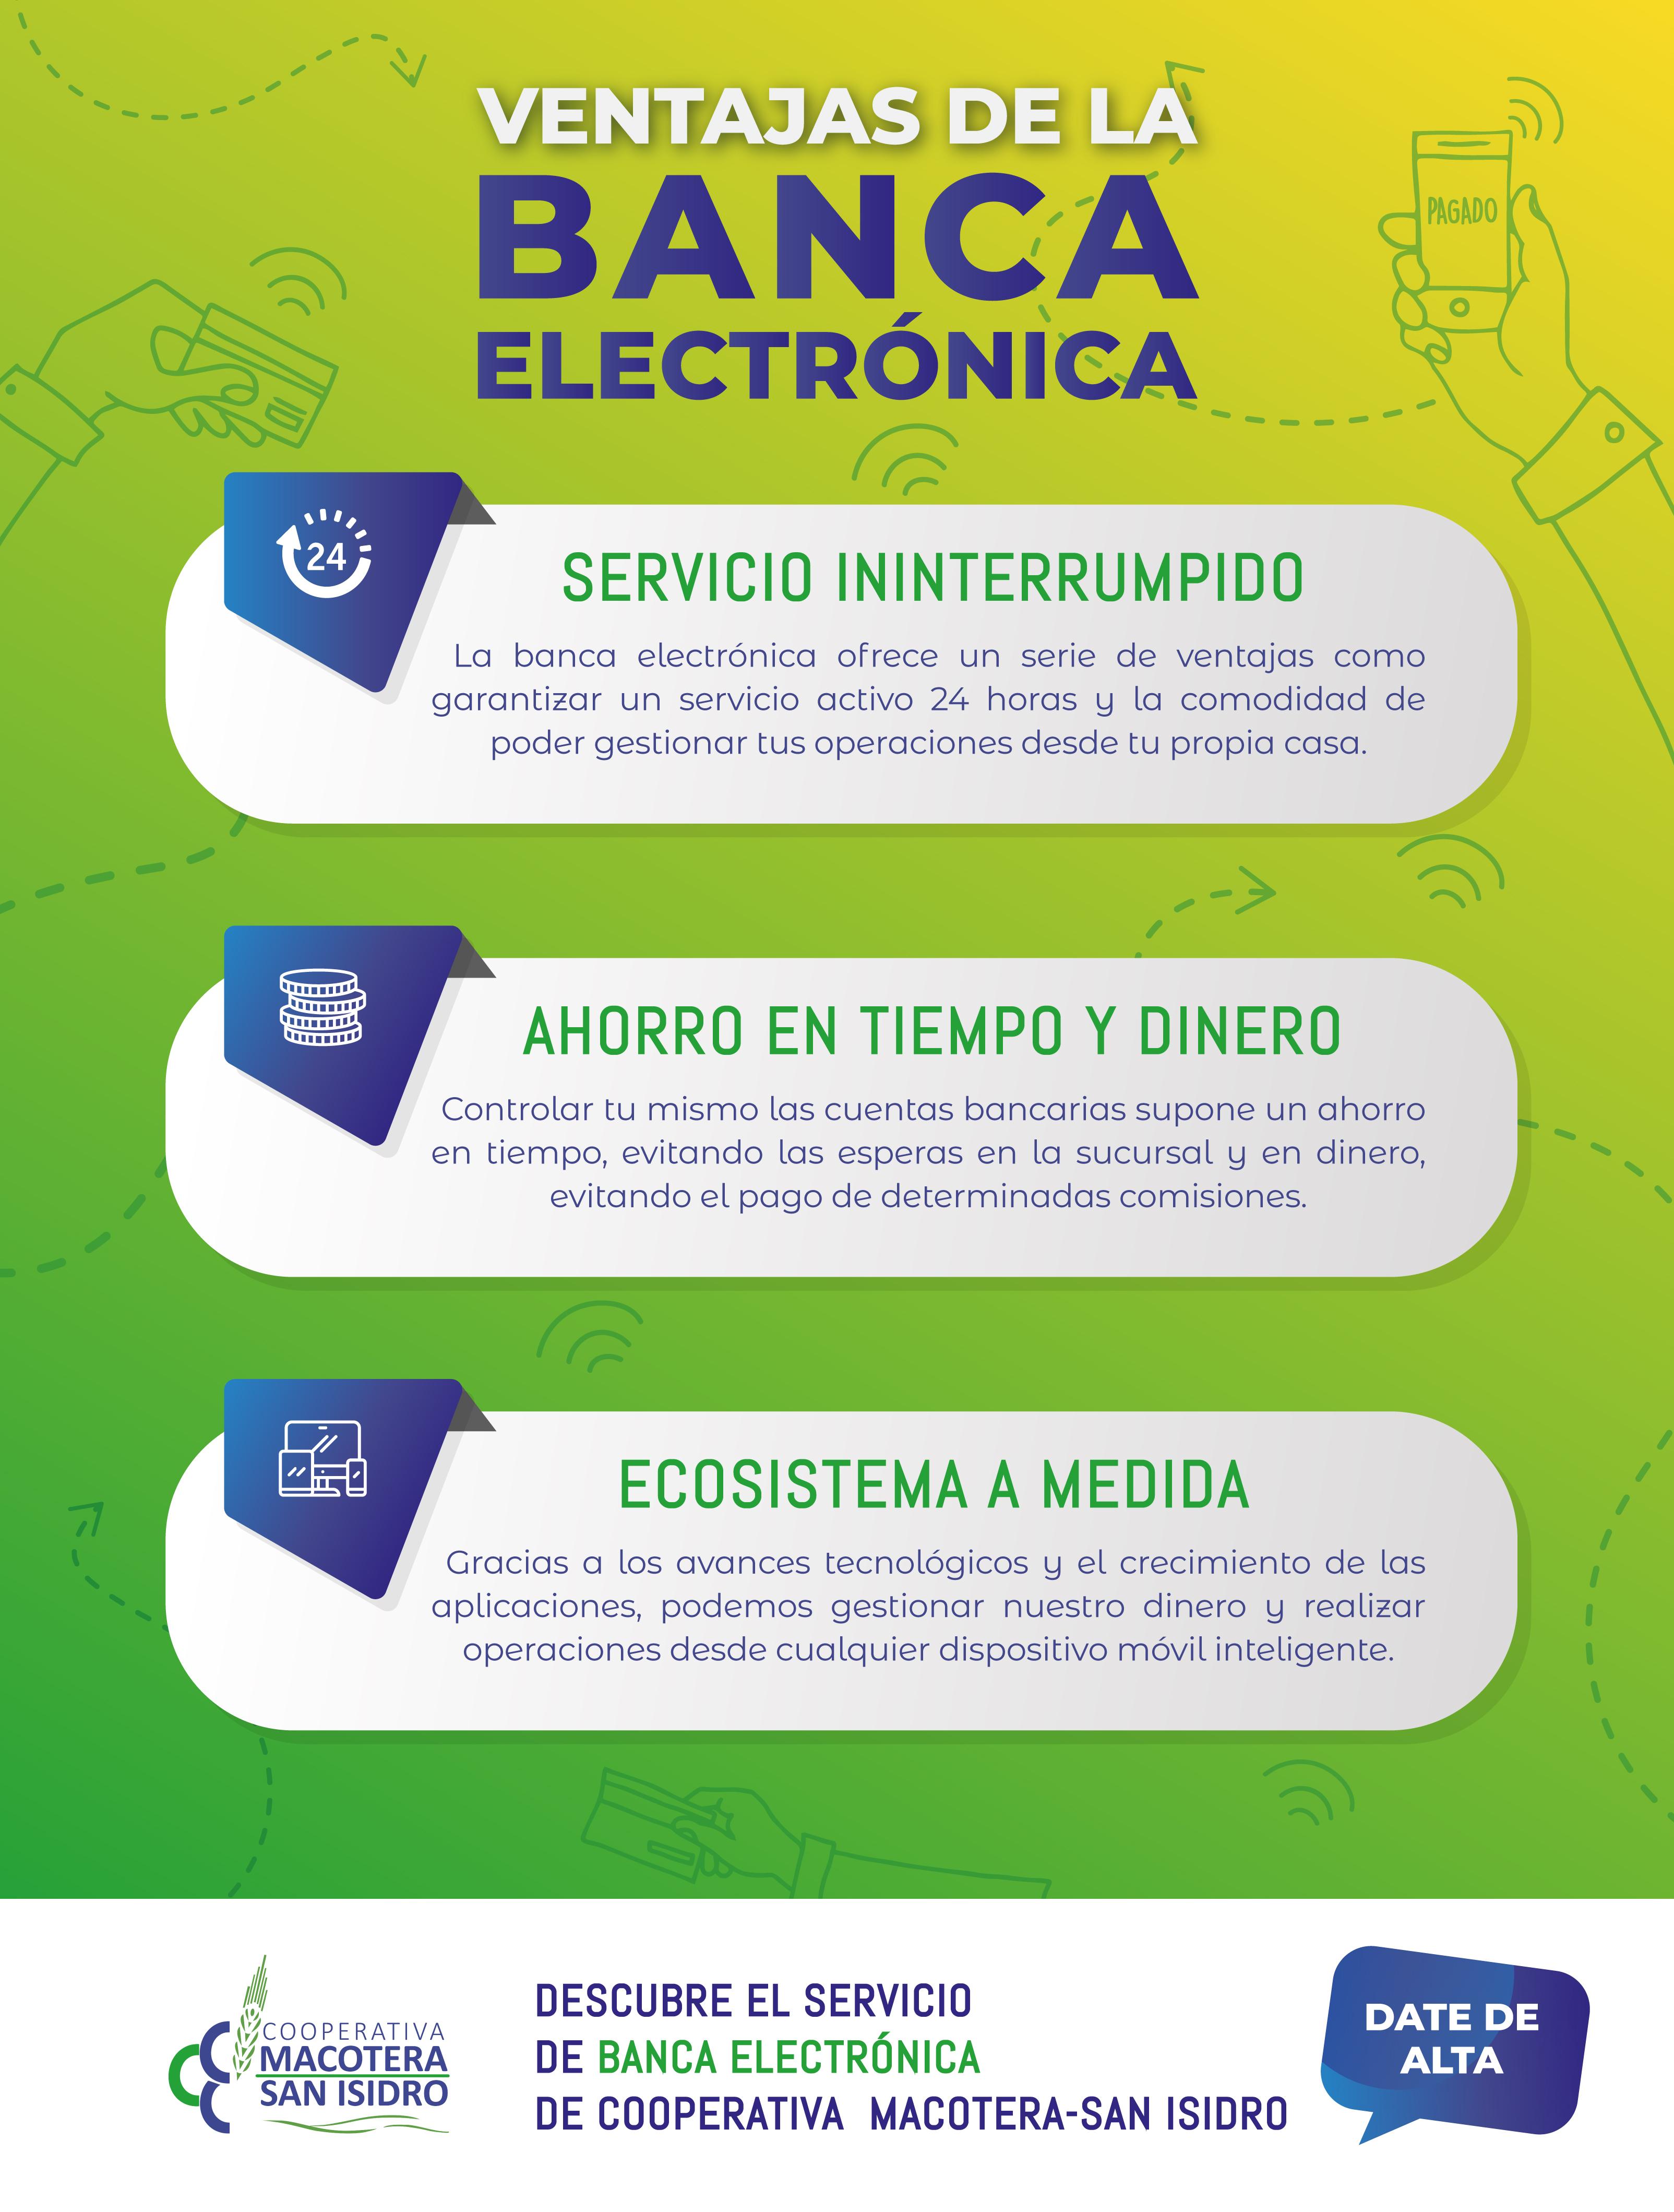 Ventajas de la banca electrónica